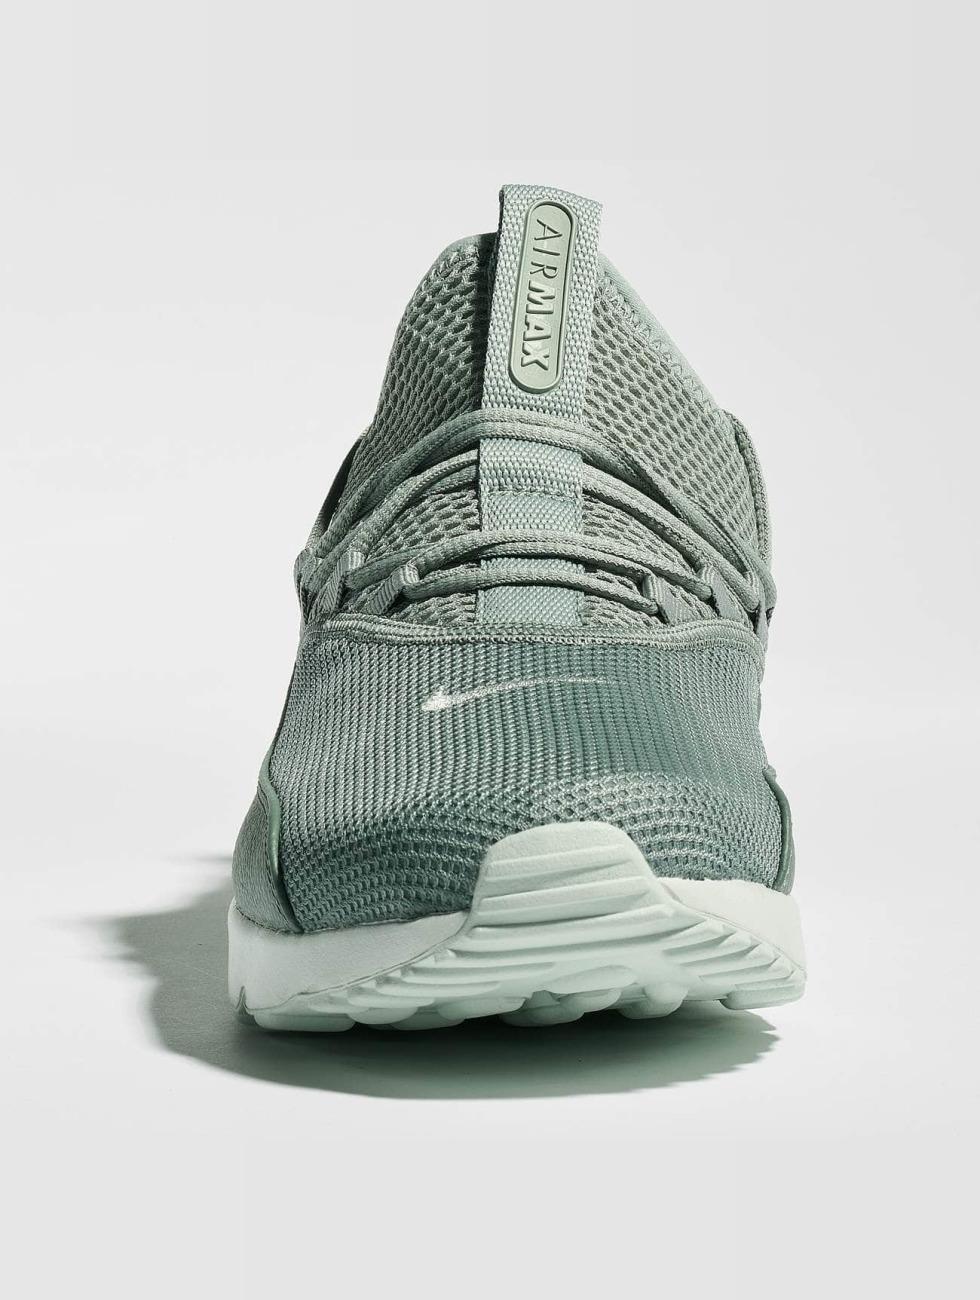 Réduction De Sortie Nike Air Chaussure / Basket Max 90 Ez En Vert 442 759 Sortie Acheter Obtenir classique Acheter Magasin De Sortie Pas Cher NTIbHb2L